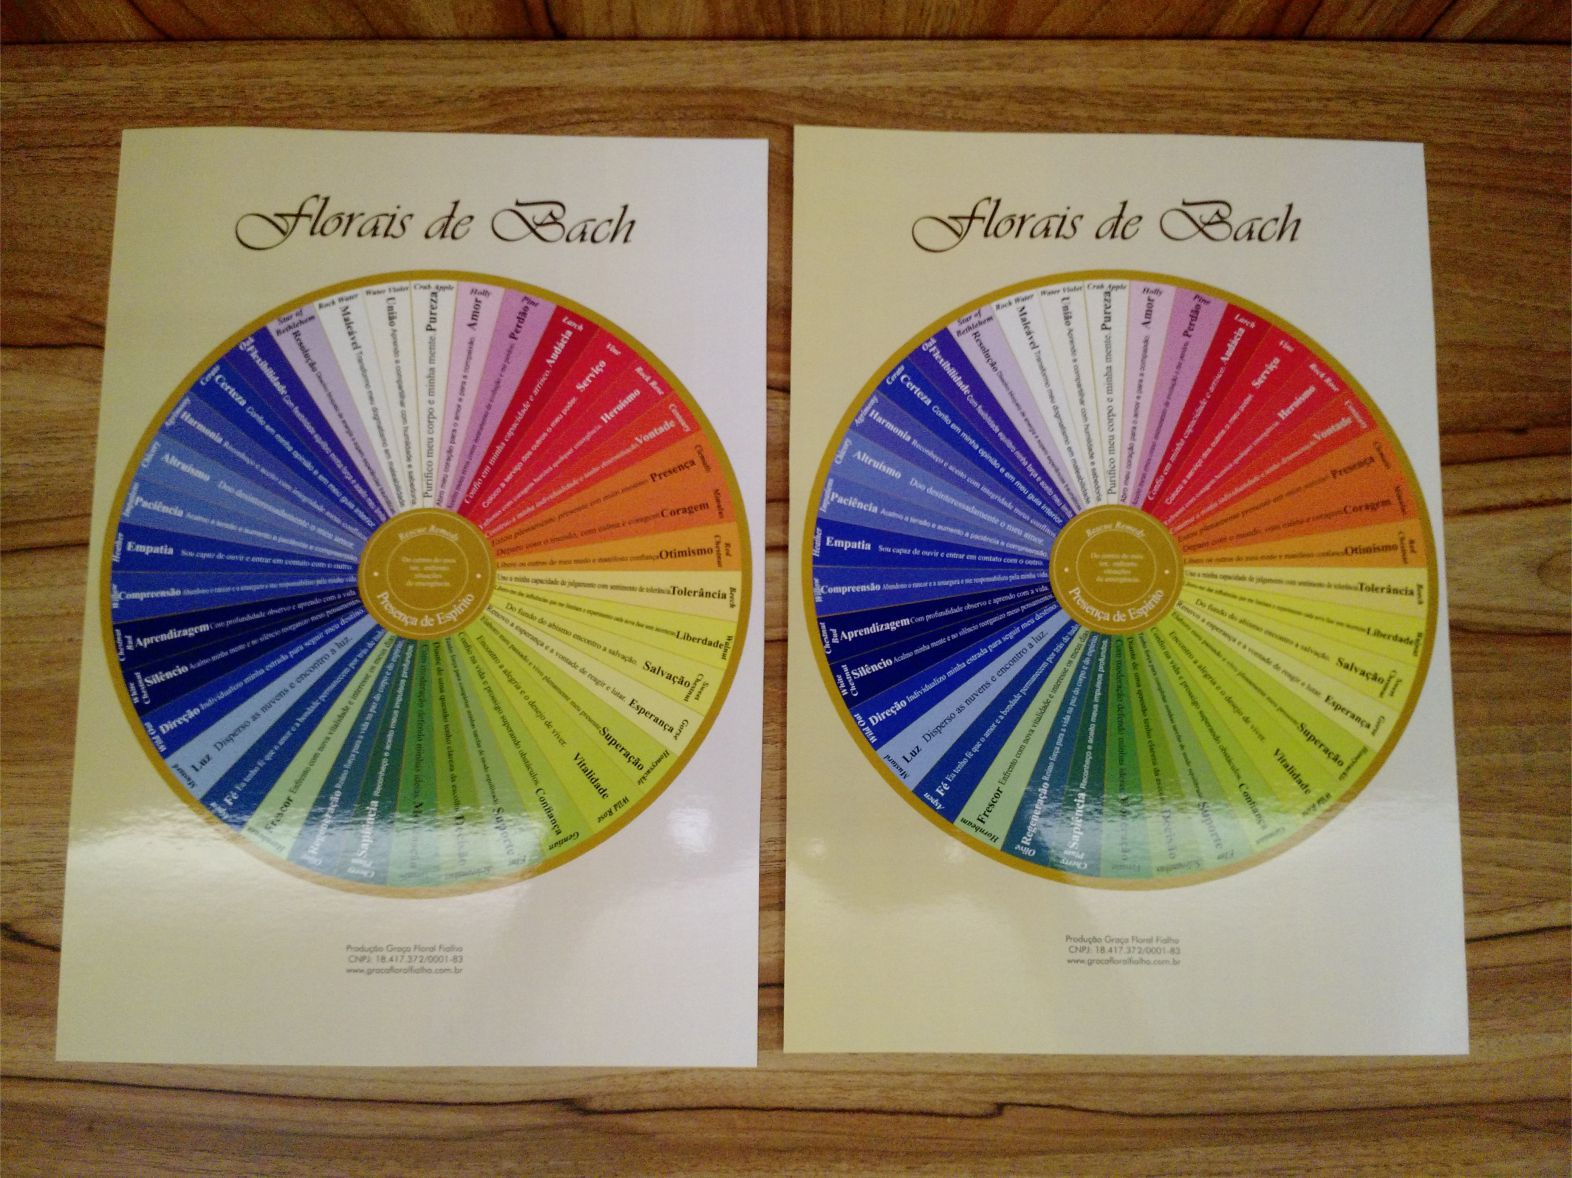 Kit c/ 02 Posters tamanho A4 - Mandala dos Florais de Bach